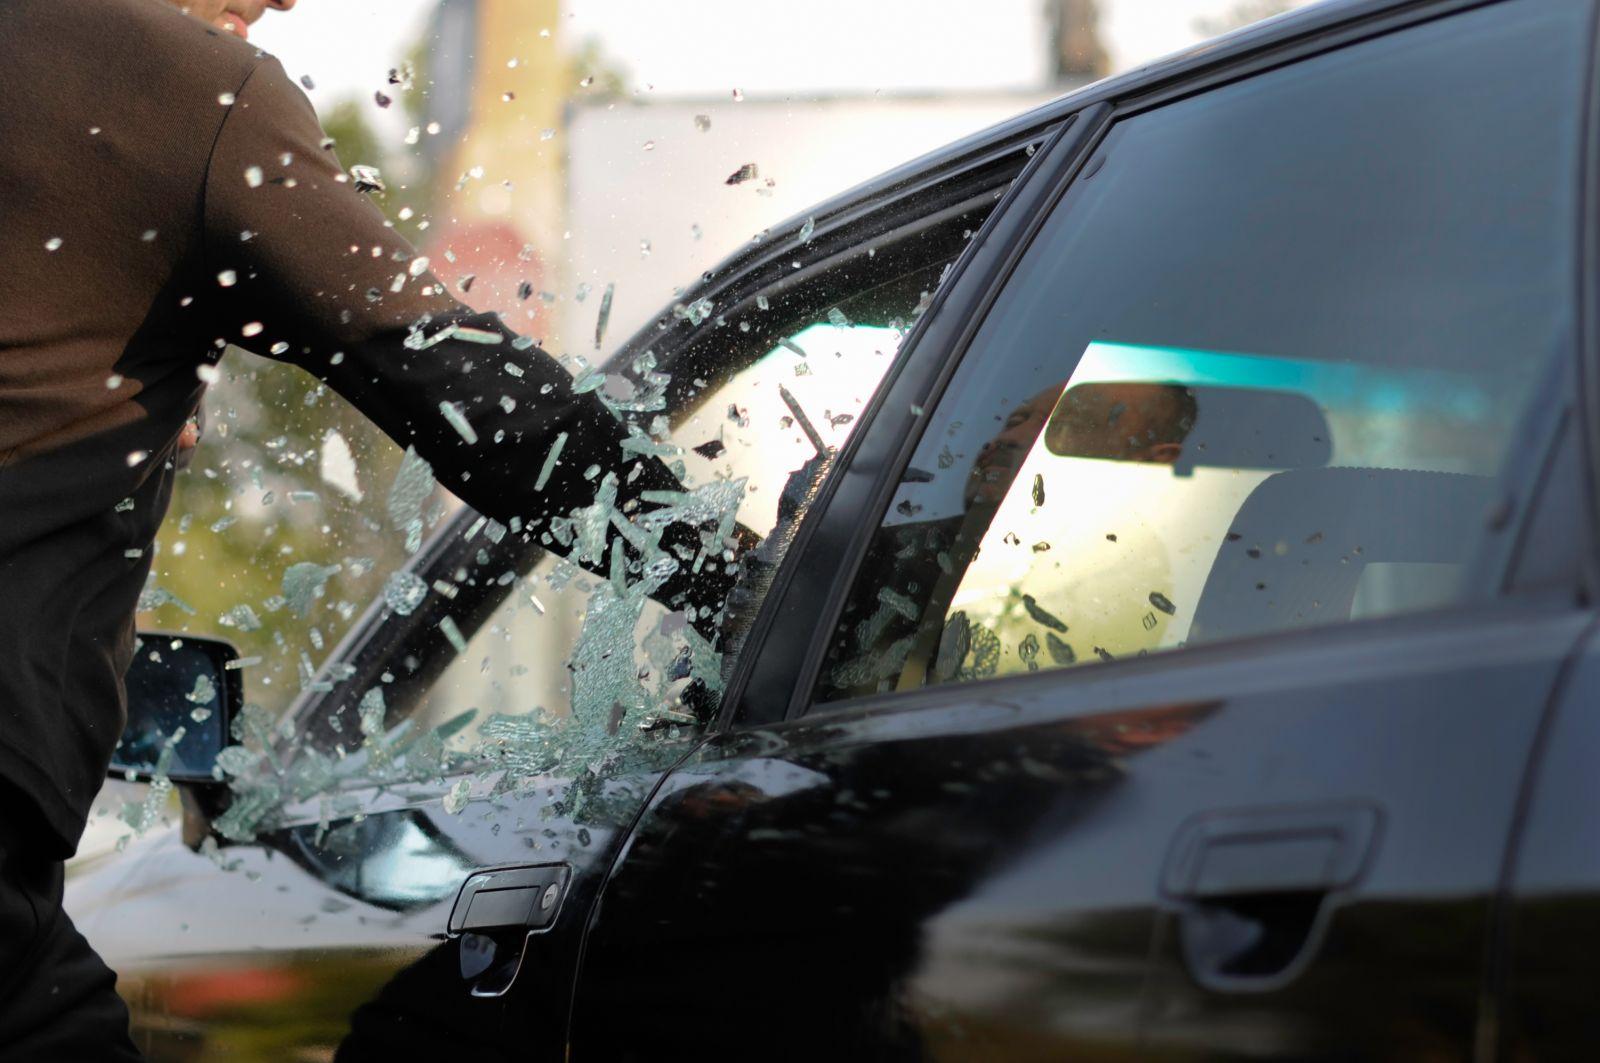 Aumenta la inseguridad en Bogotá: 22 víctimas de hurto al día